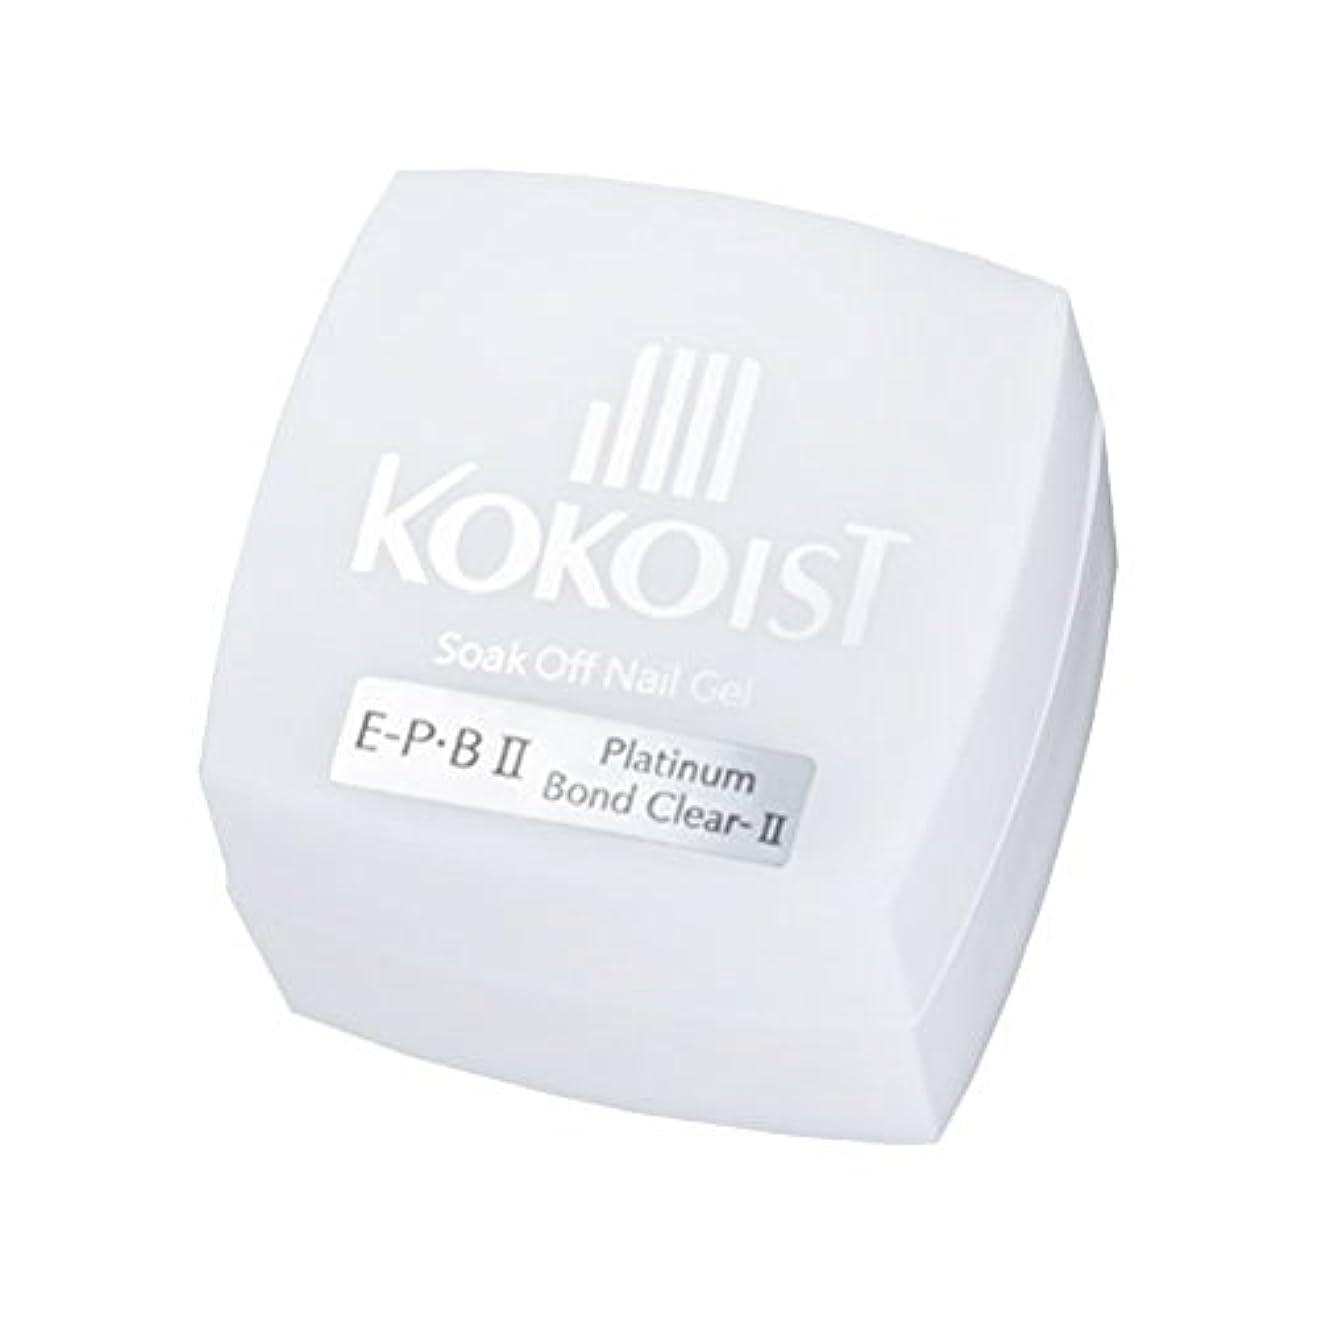 散らすびっくりペリスコープKOKOIST フ゜ラチナホ゛ント゛II 4g ジェル UV/LED対応